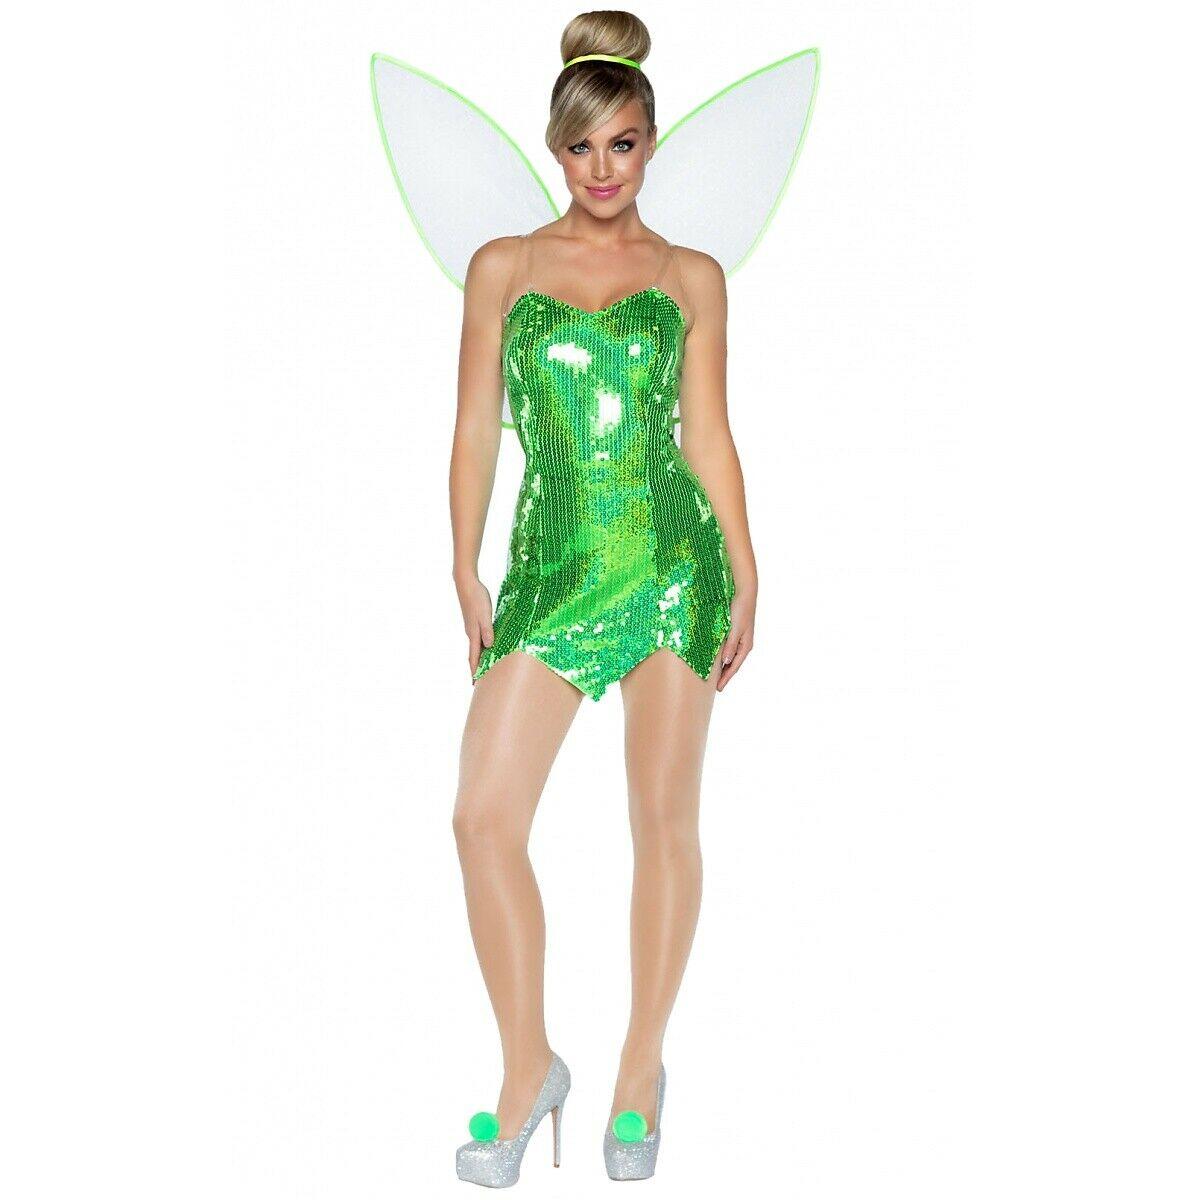 Leg オンラインショップ Avenue レッグアベニュー [宅送] 86938 Green Fairy レディース ティンカーベル ディズニー フェアリー コスチューム